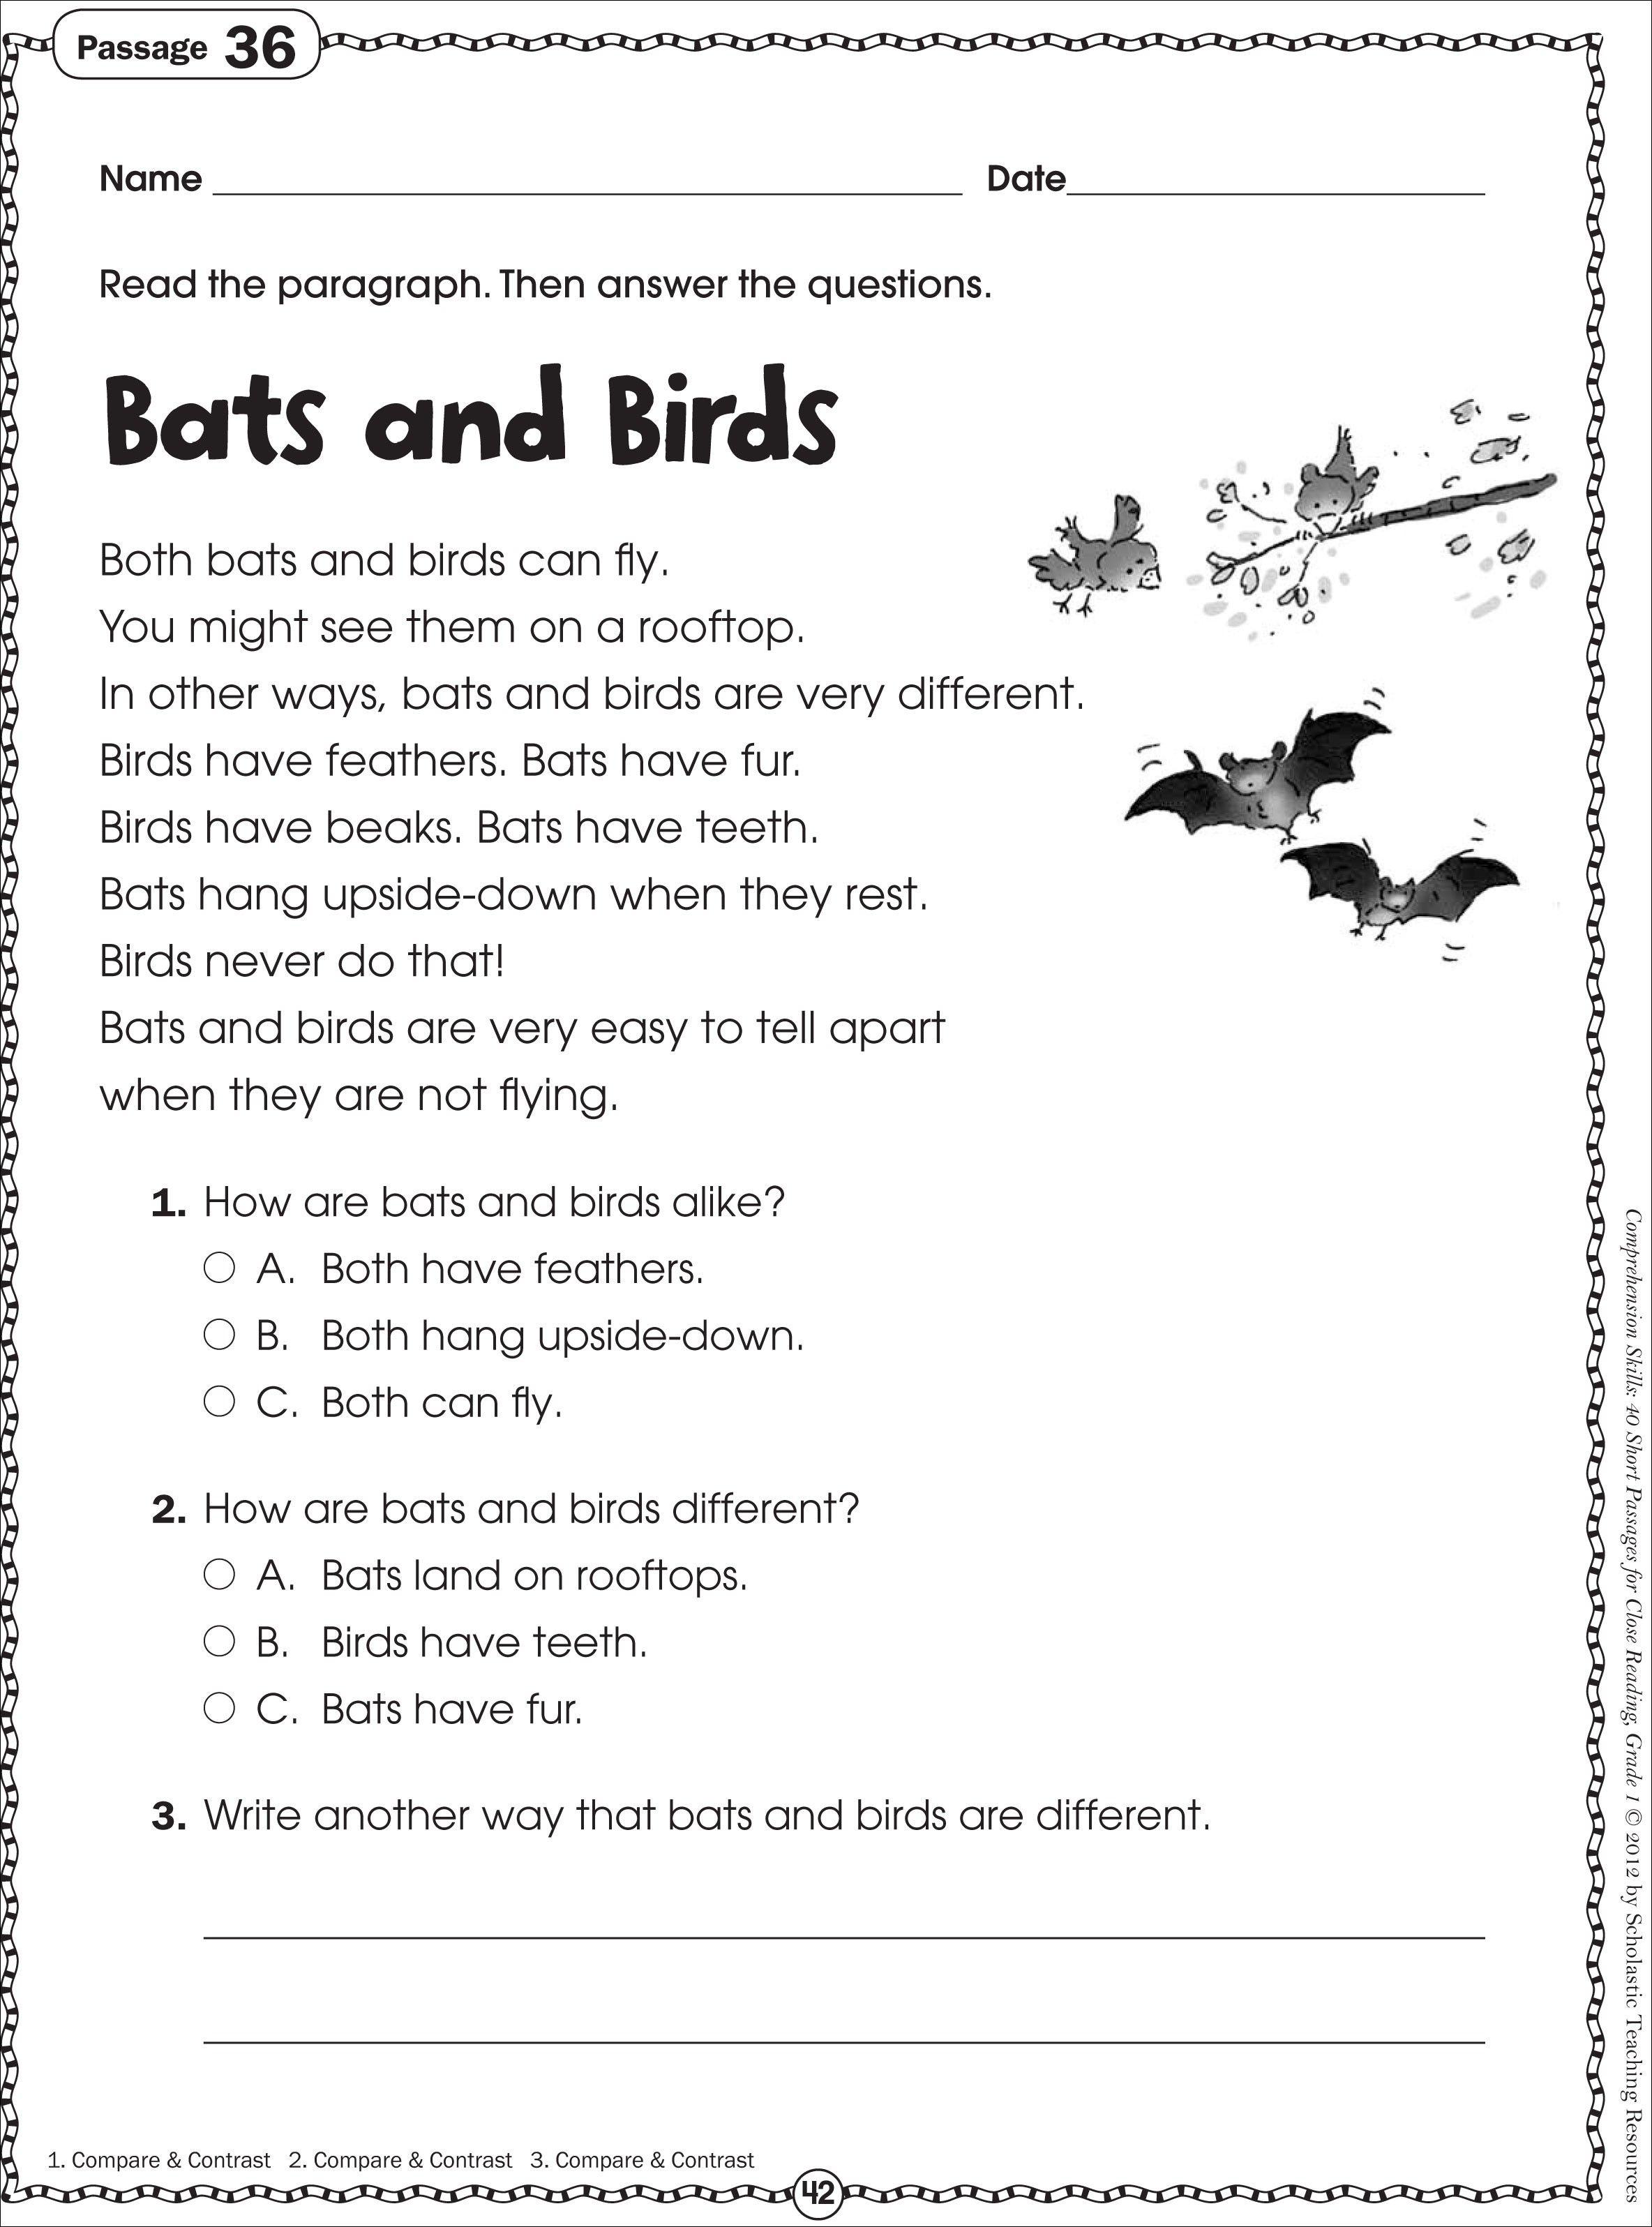 Free Printable Reading Comprehension Worksheets For Kindergarten - Free Printable Reading Level Assessment Test